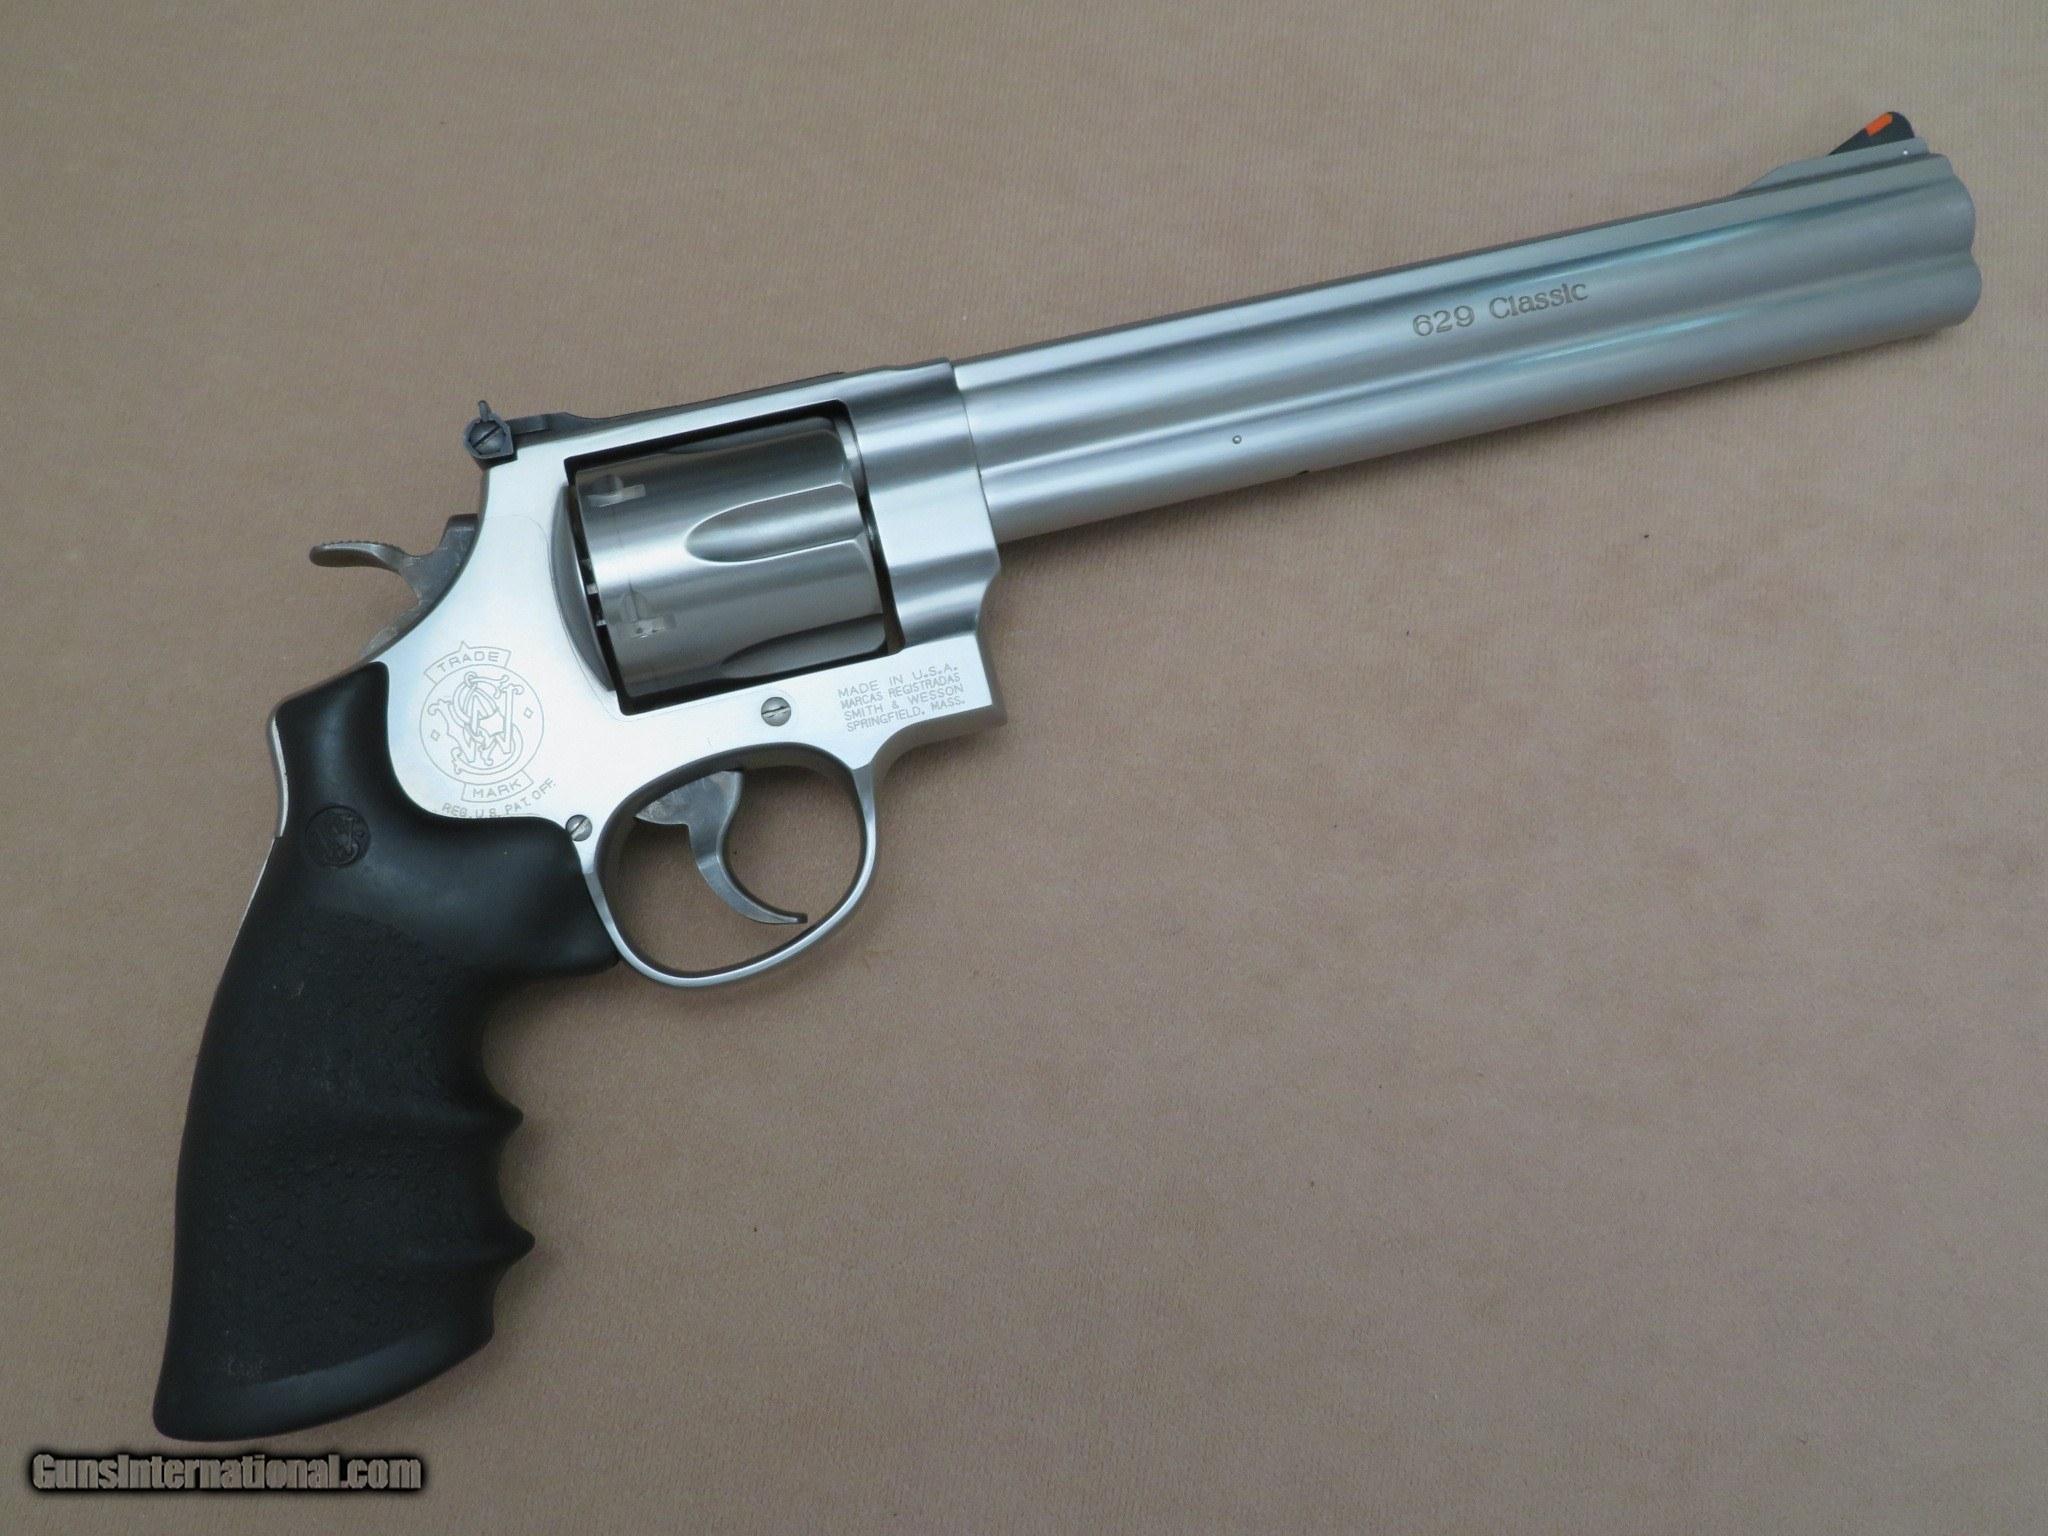 Smith & Wesson Model 629-5 Classic  44 Magnum Revolver w/ Scarce 8-3